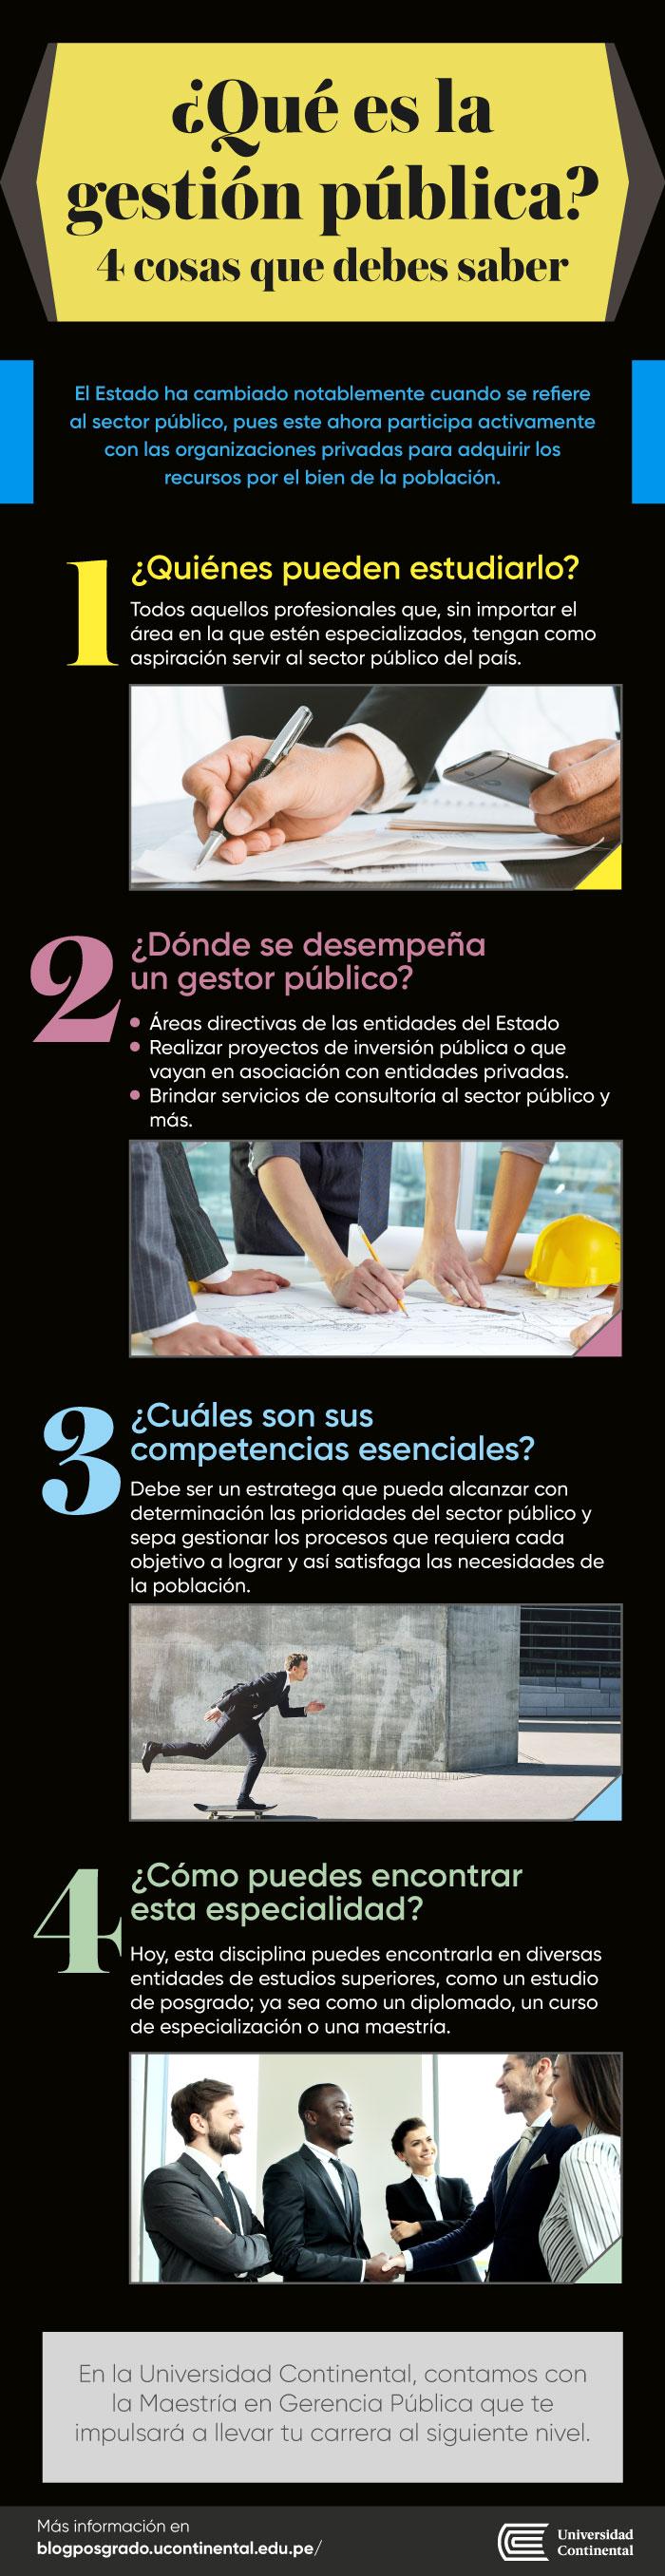 infografia-continental-que-es-gestion-publica.jpg